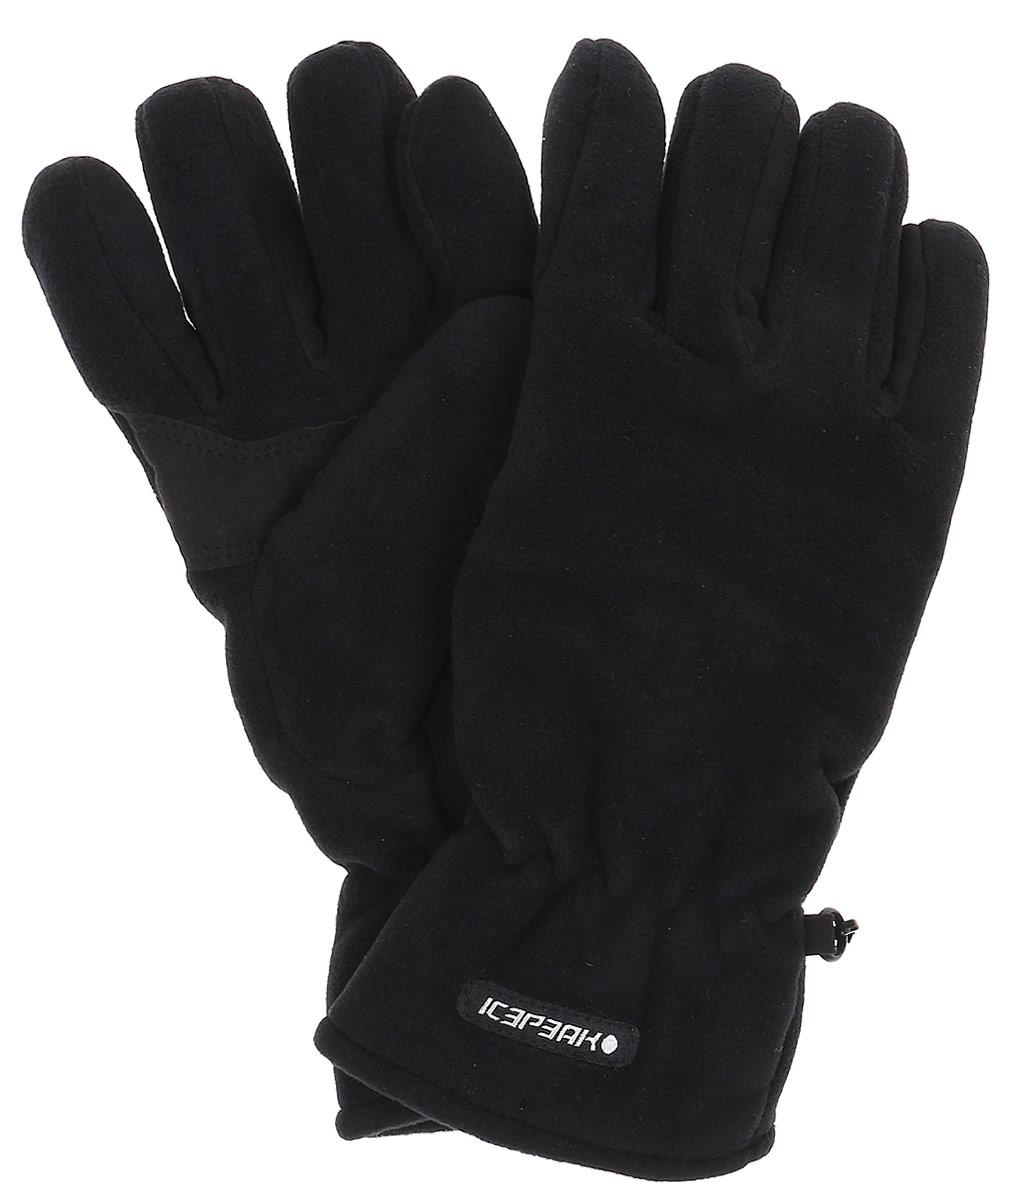 Перчатки женские Icepeak, цвет: черный. 855851540IV-990. Размер S (6/6,5)855851540IV-990